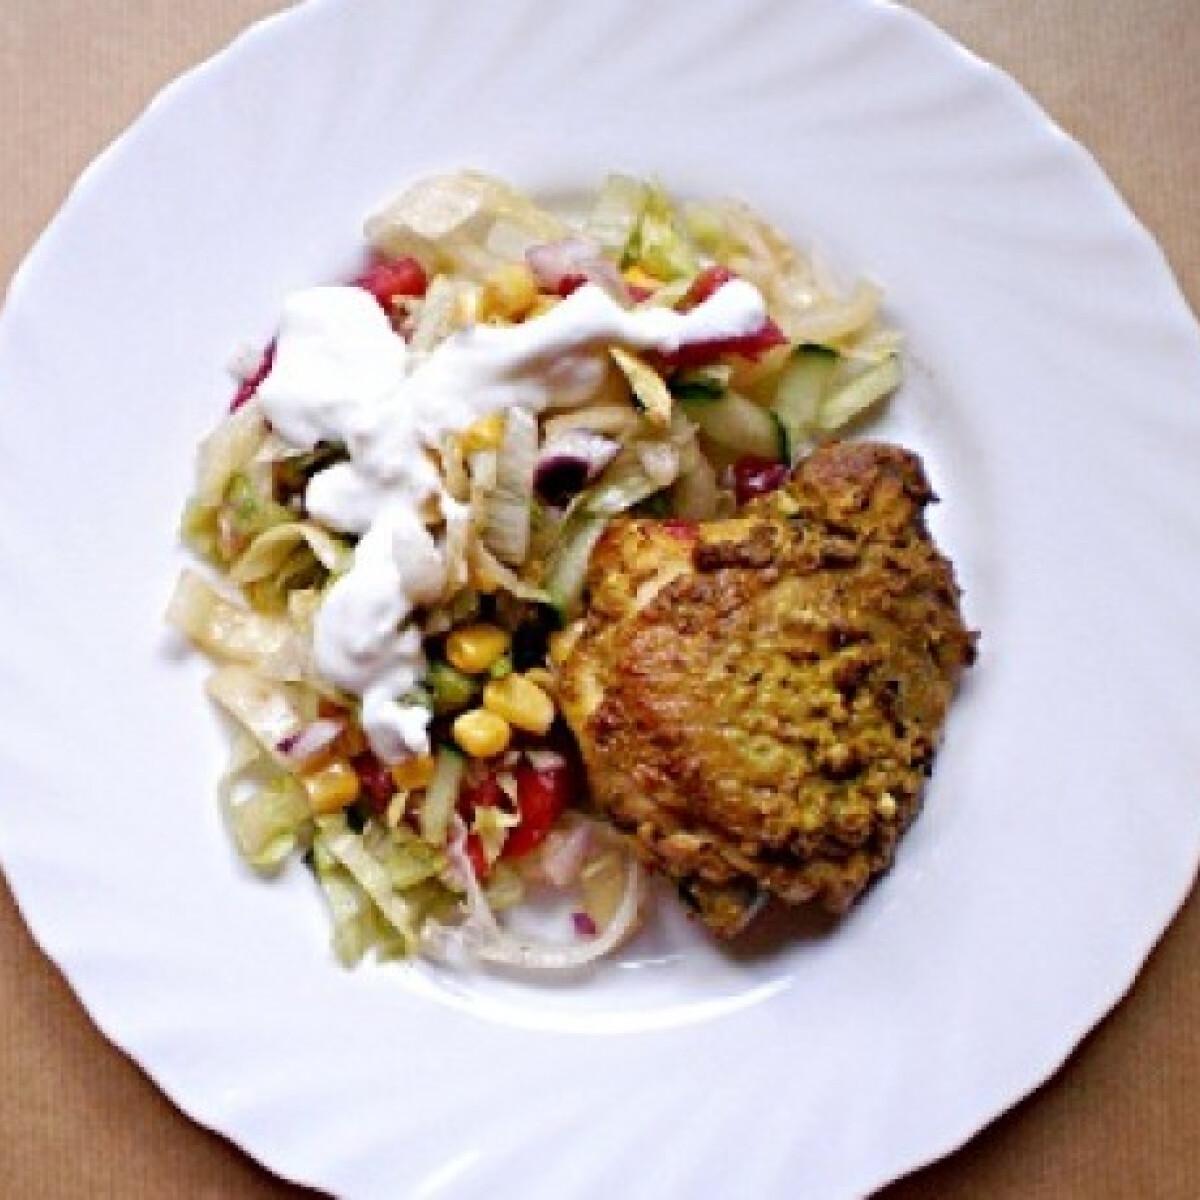 Ezen a képen: Tandoori csirke joghurtos nyári salátával